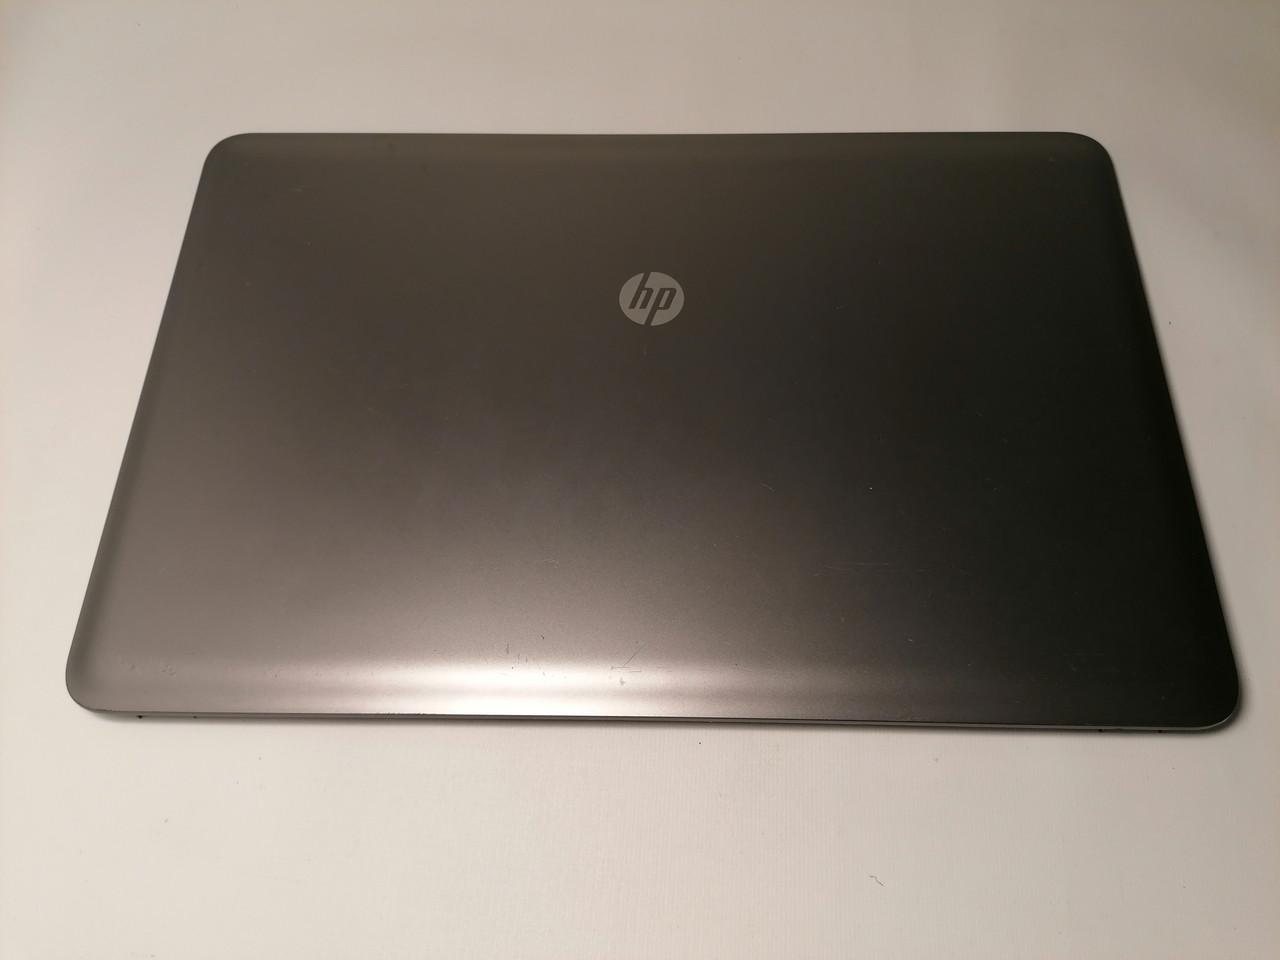 Б/У корпус крышка матрицы для ноутбука HP 650 655 G1 687698-001